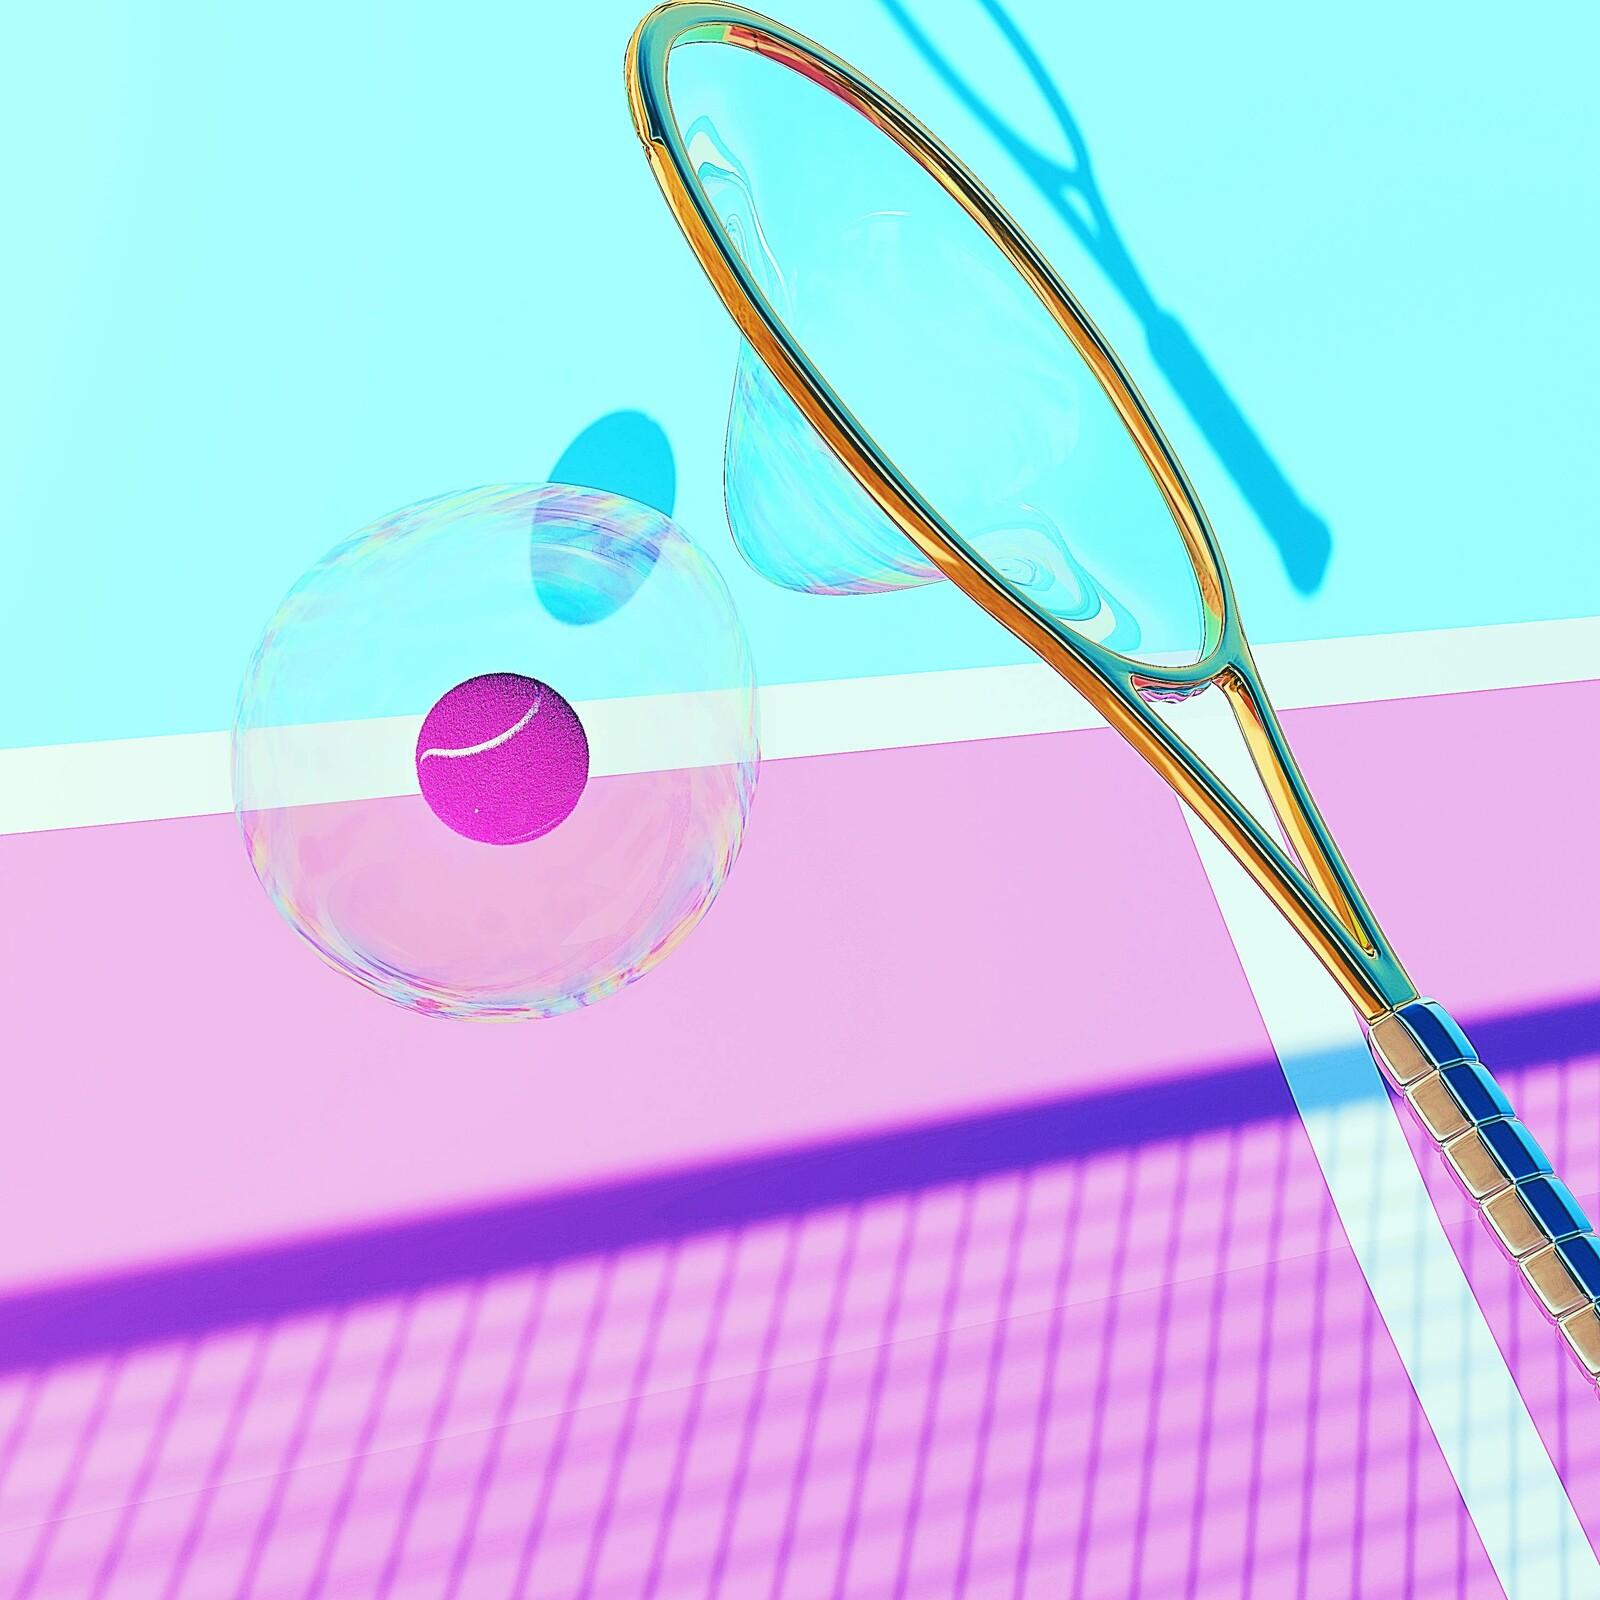 tennis bubbles